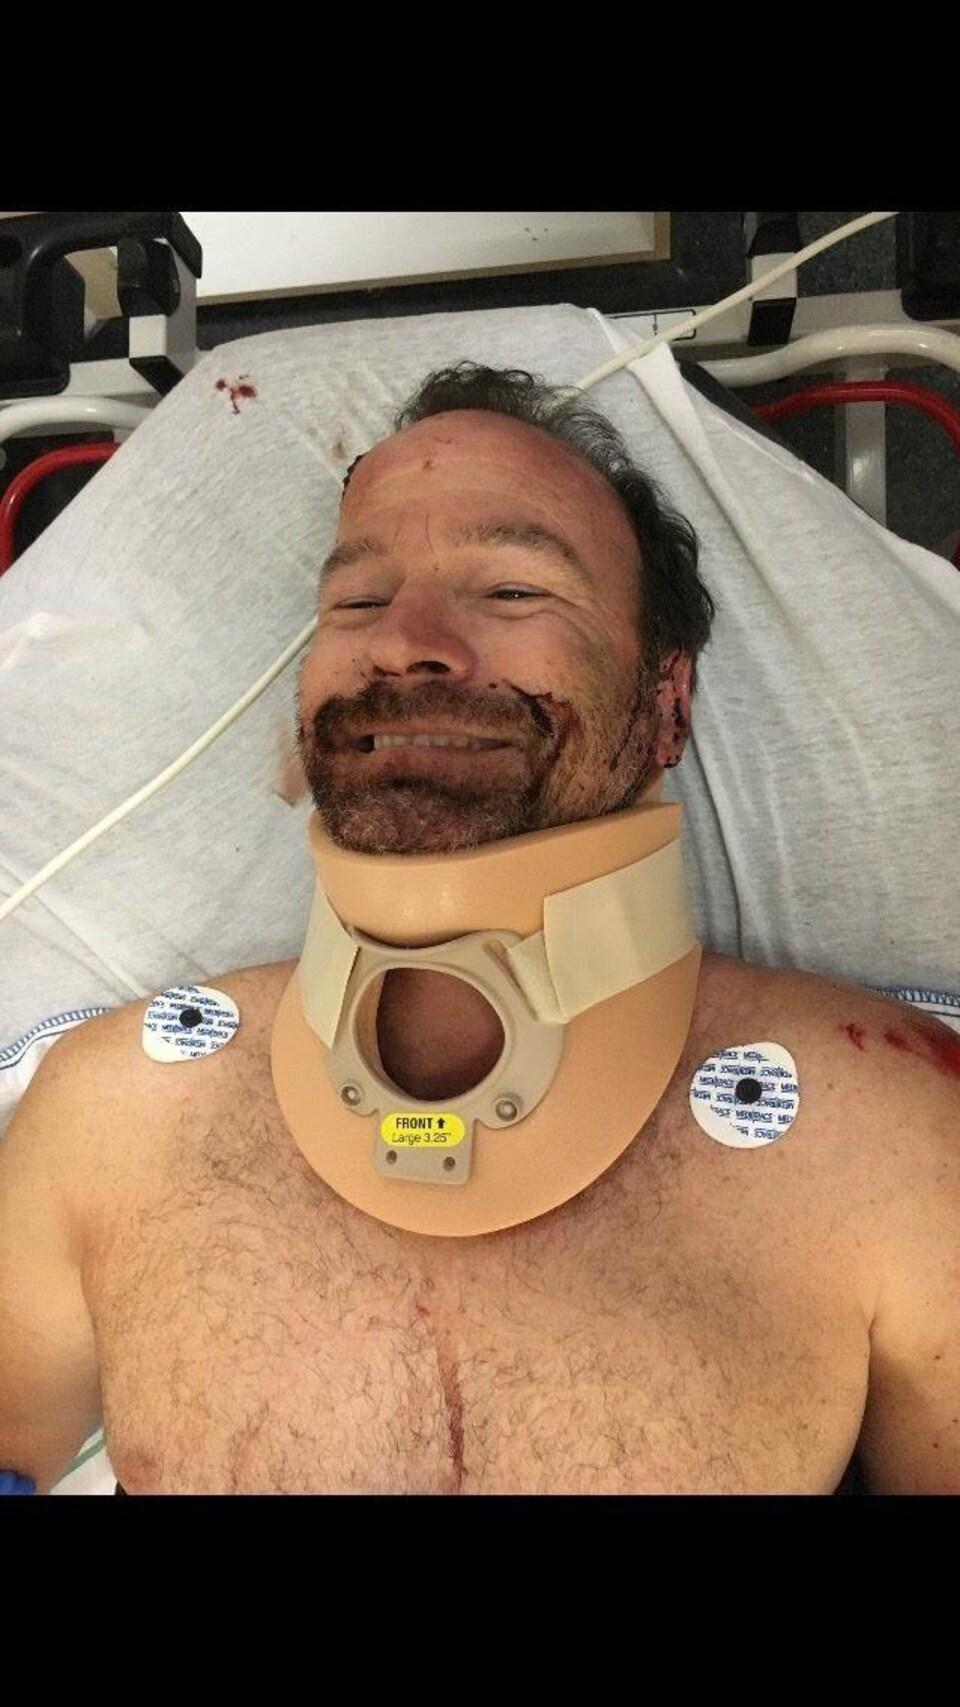 Jean-Pierre Martel sur un lit d'hôpital.